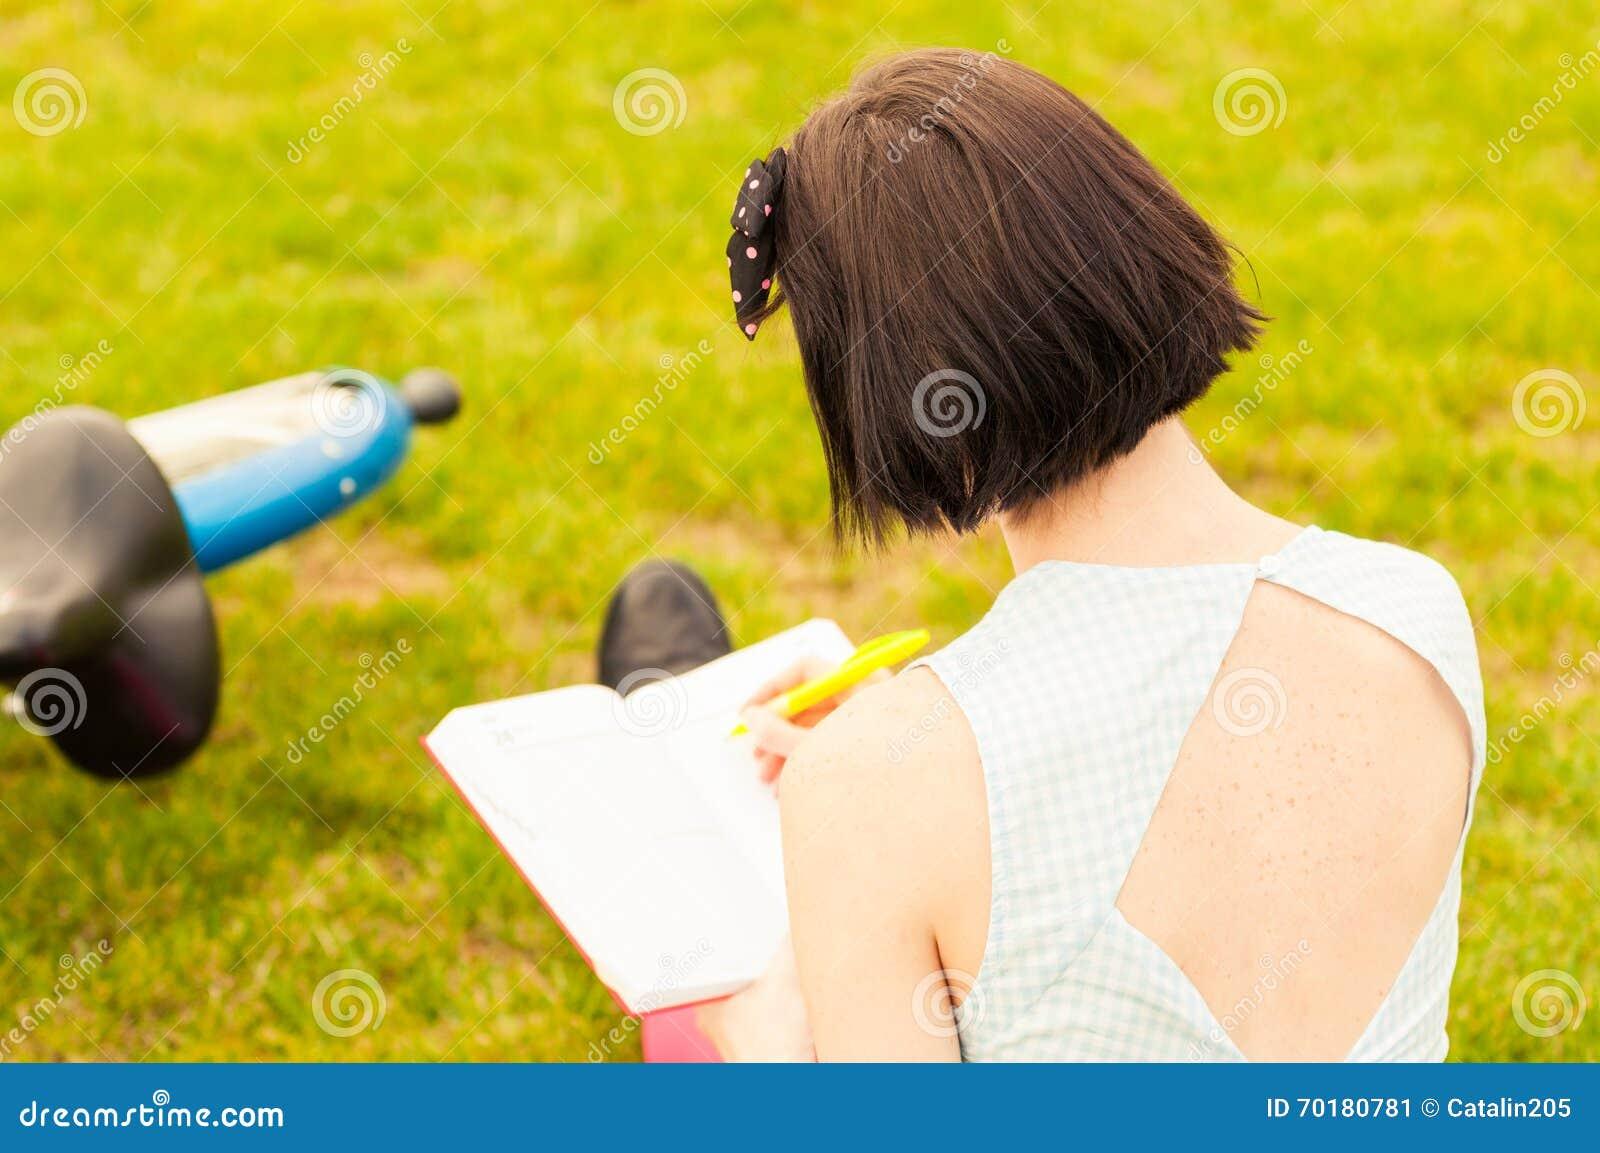 Närbild av ung kvinnligbaksida med cykeln och en bok